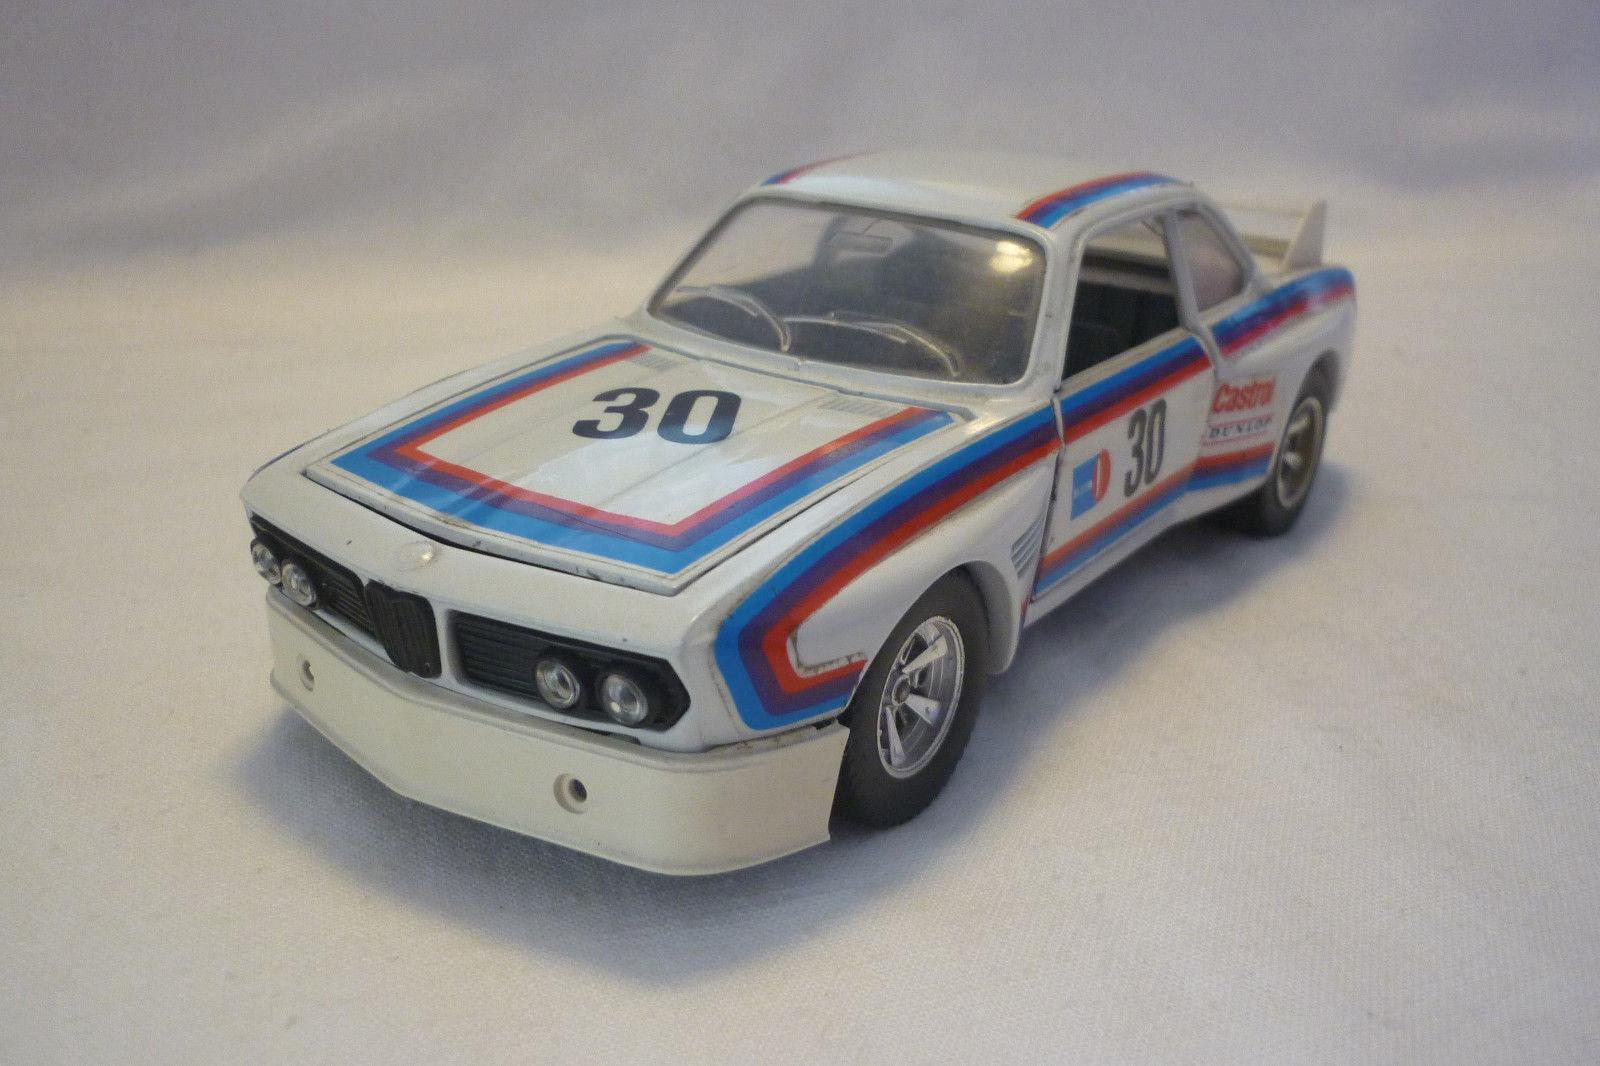 Bburago - Miniatura de Metal - BMW 3  0 Cs - 1 24 - (5.DIV-31)